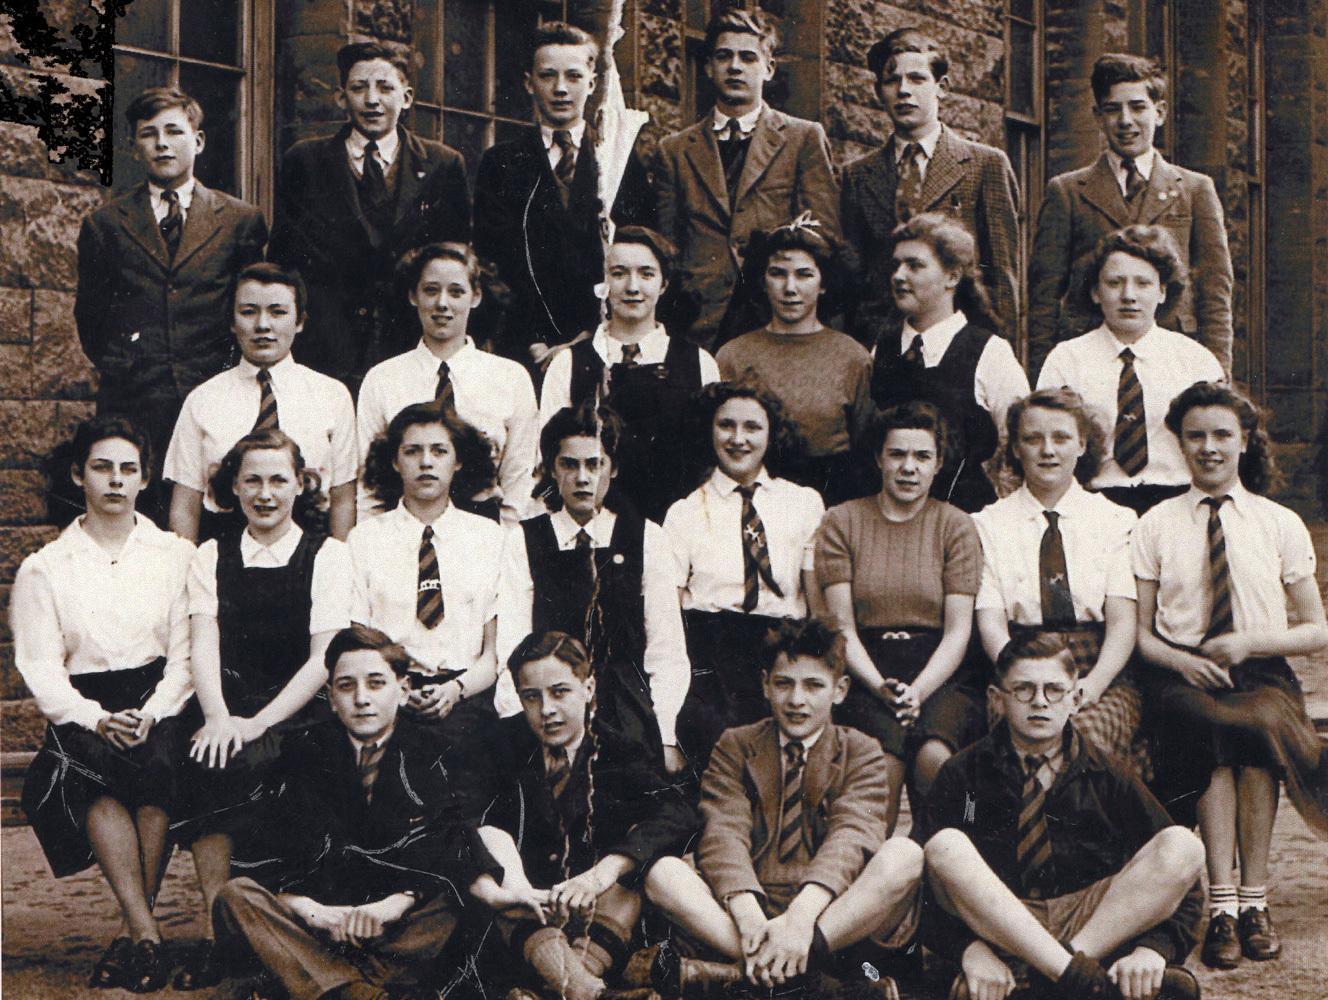 Boroughmuir High School Class 3A6 1947